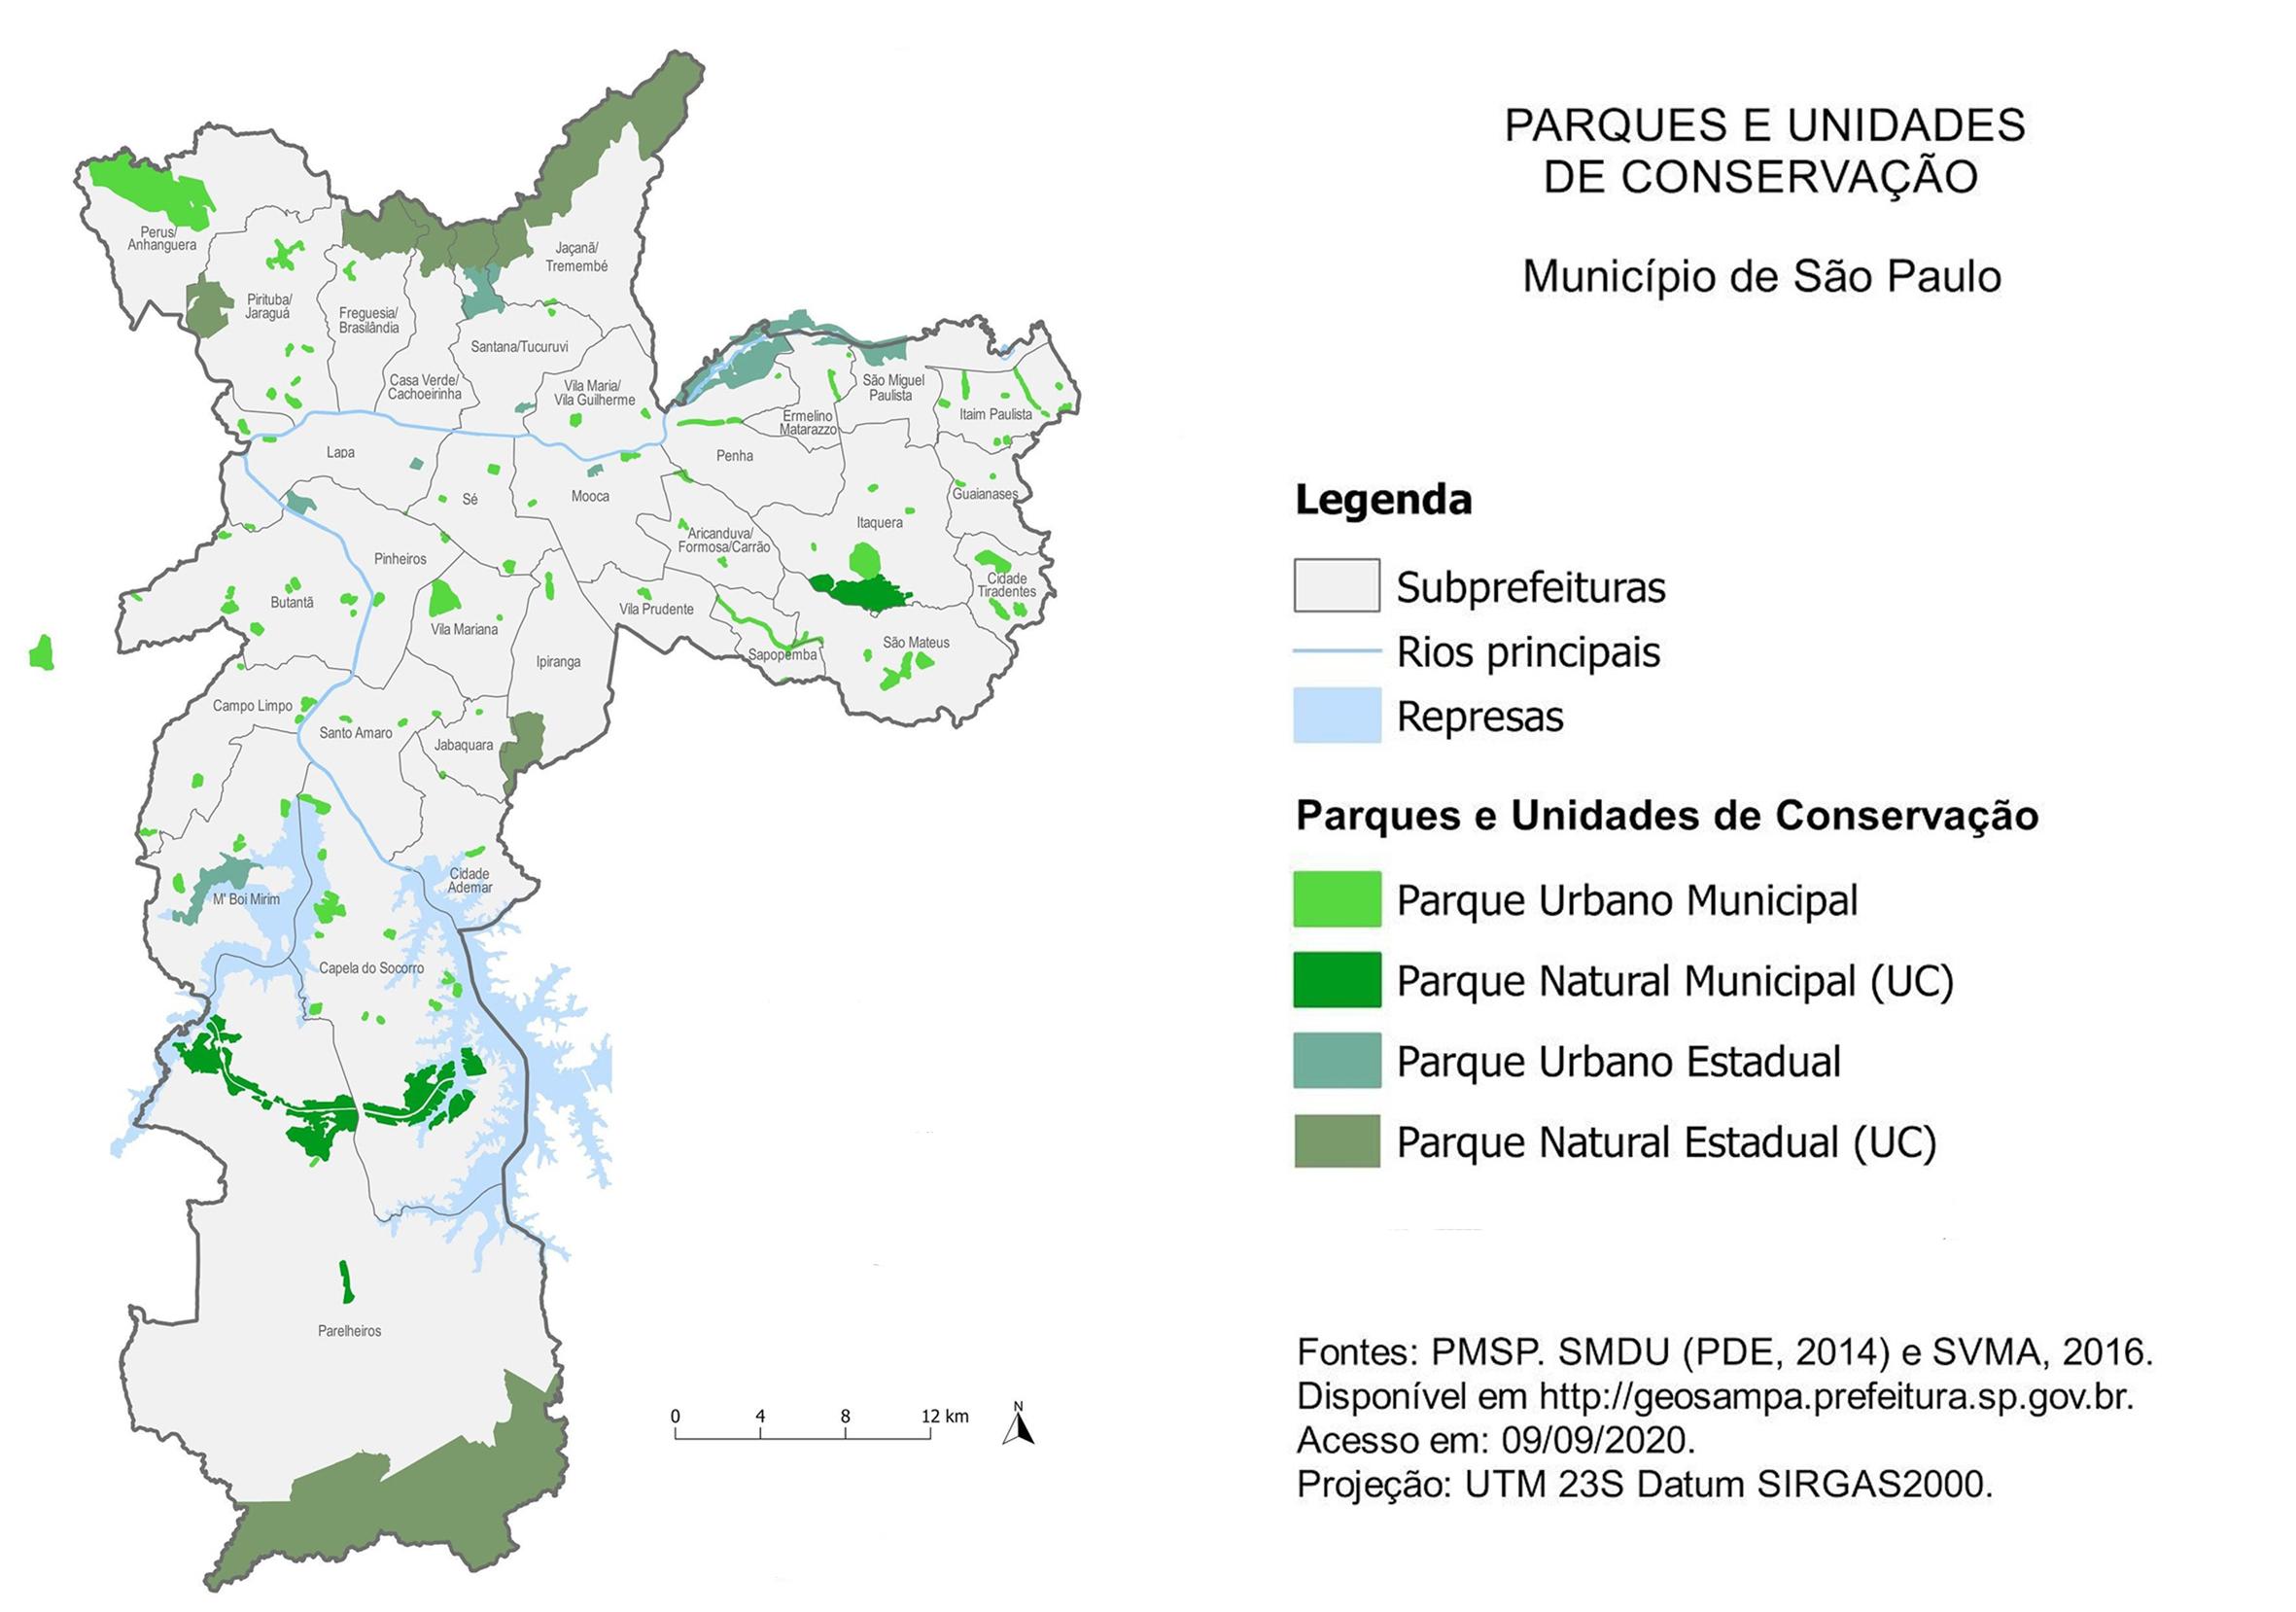 Mapa dos Parques e Unidades de Conservação do Município de Sõo Paulo